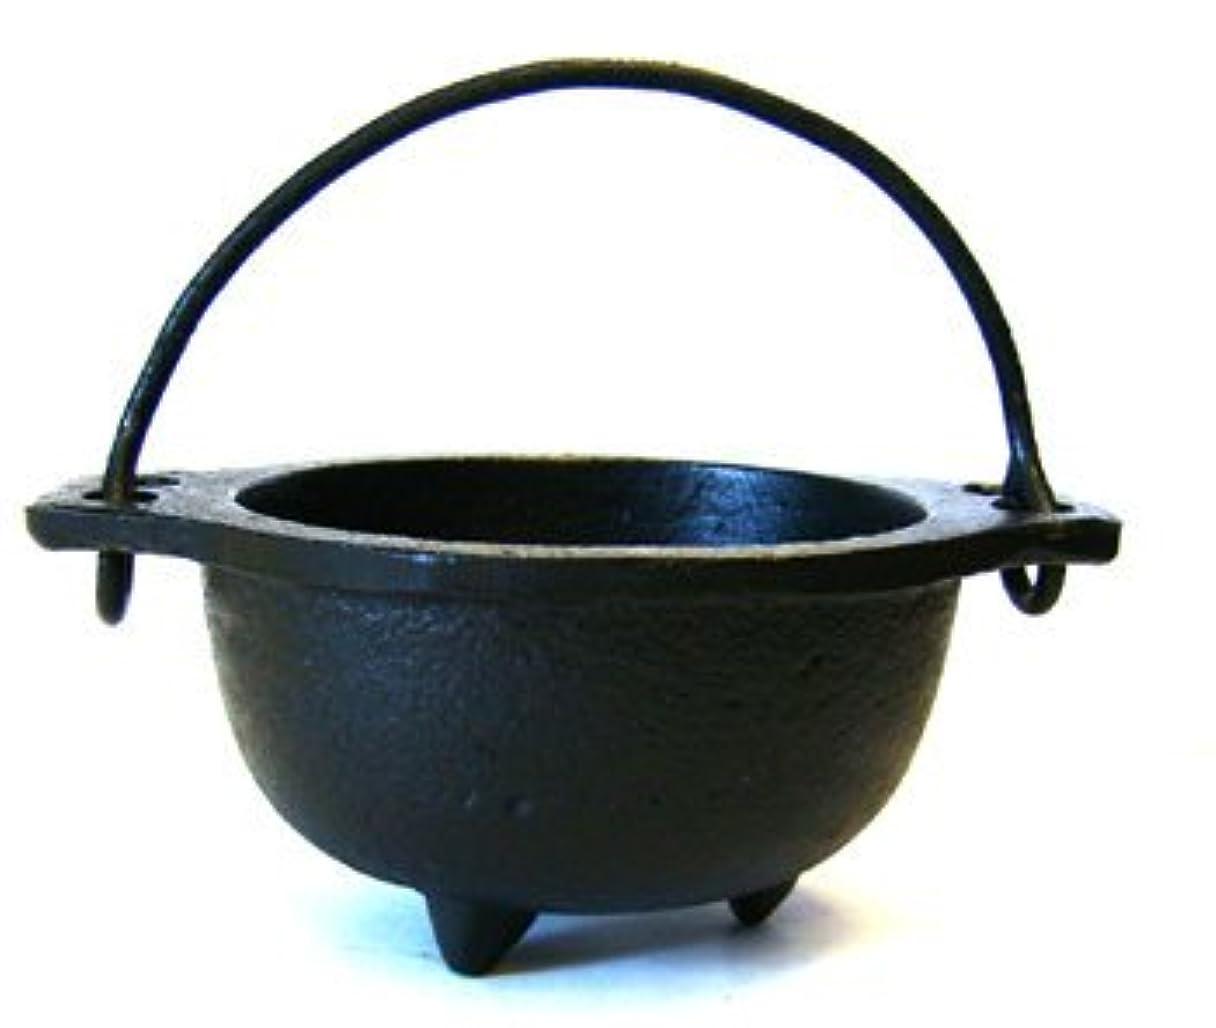 九適応する急流(6.4cm Diameter) - Cast Iron Cauldron w/handle, ideal for smudging, incense burning, ritual purpose, decoration...